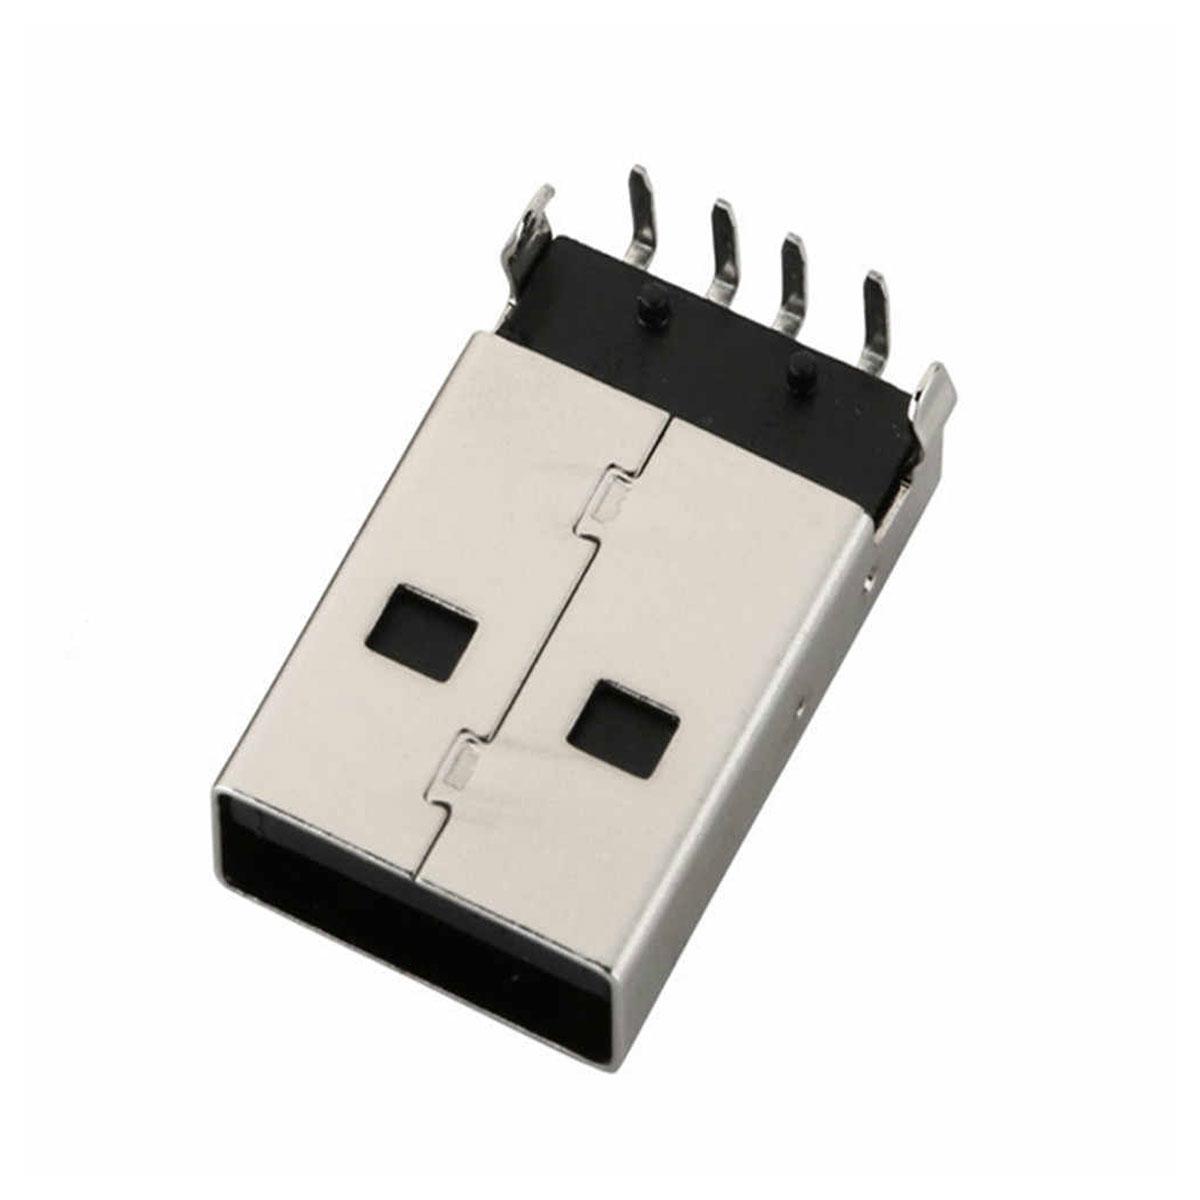 Conector USB Macho 90º para placas de circuito impresso (PCB/PCI)